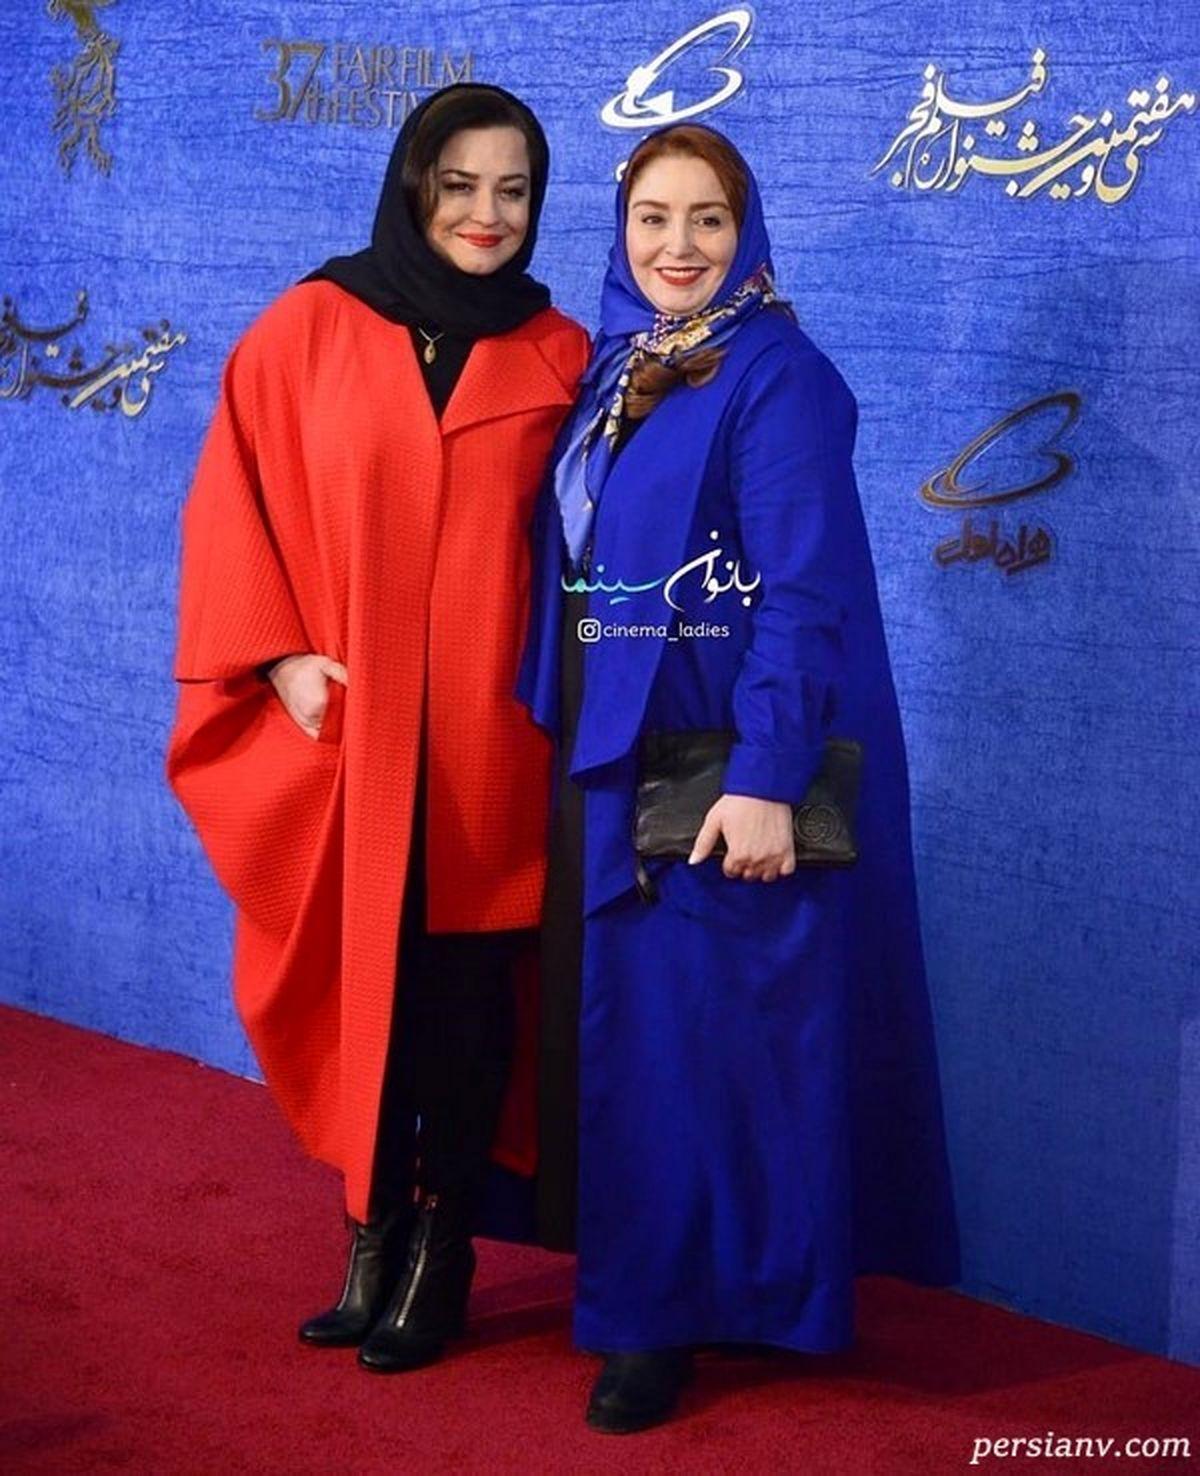 تیپ خفن مهراوه شریفی نیا و زاله صامتی در جشنواره + فیلم